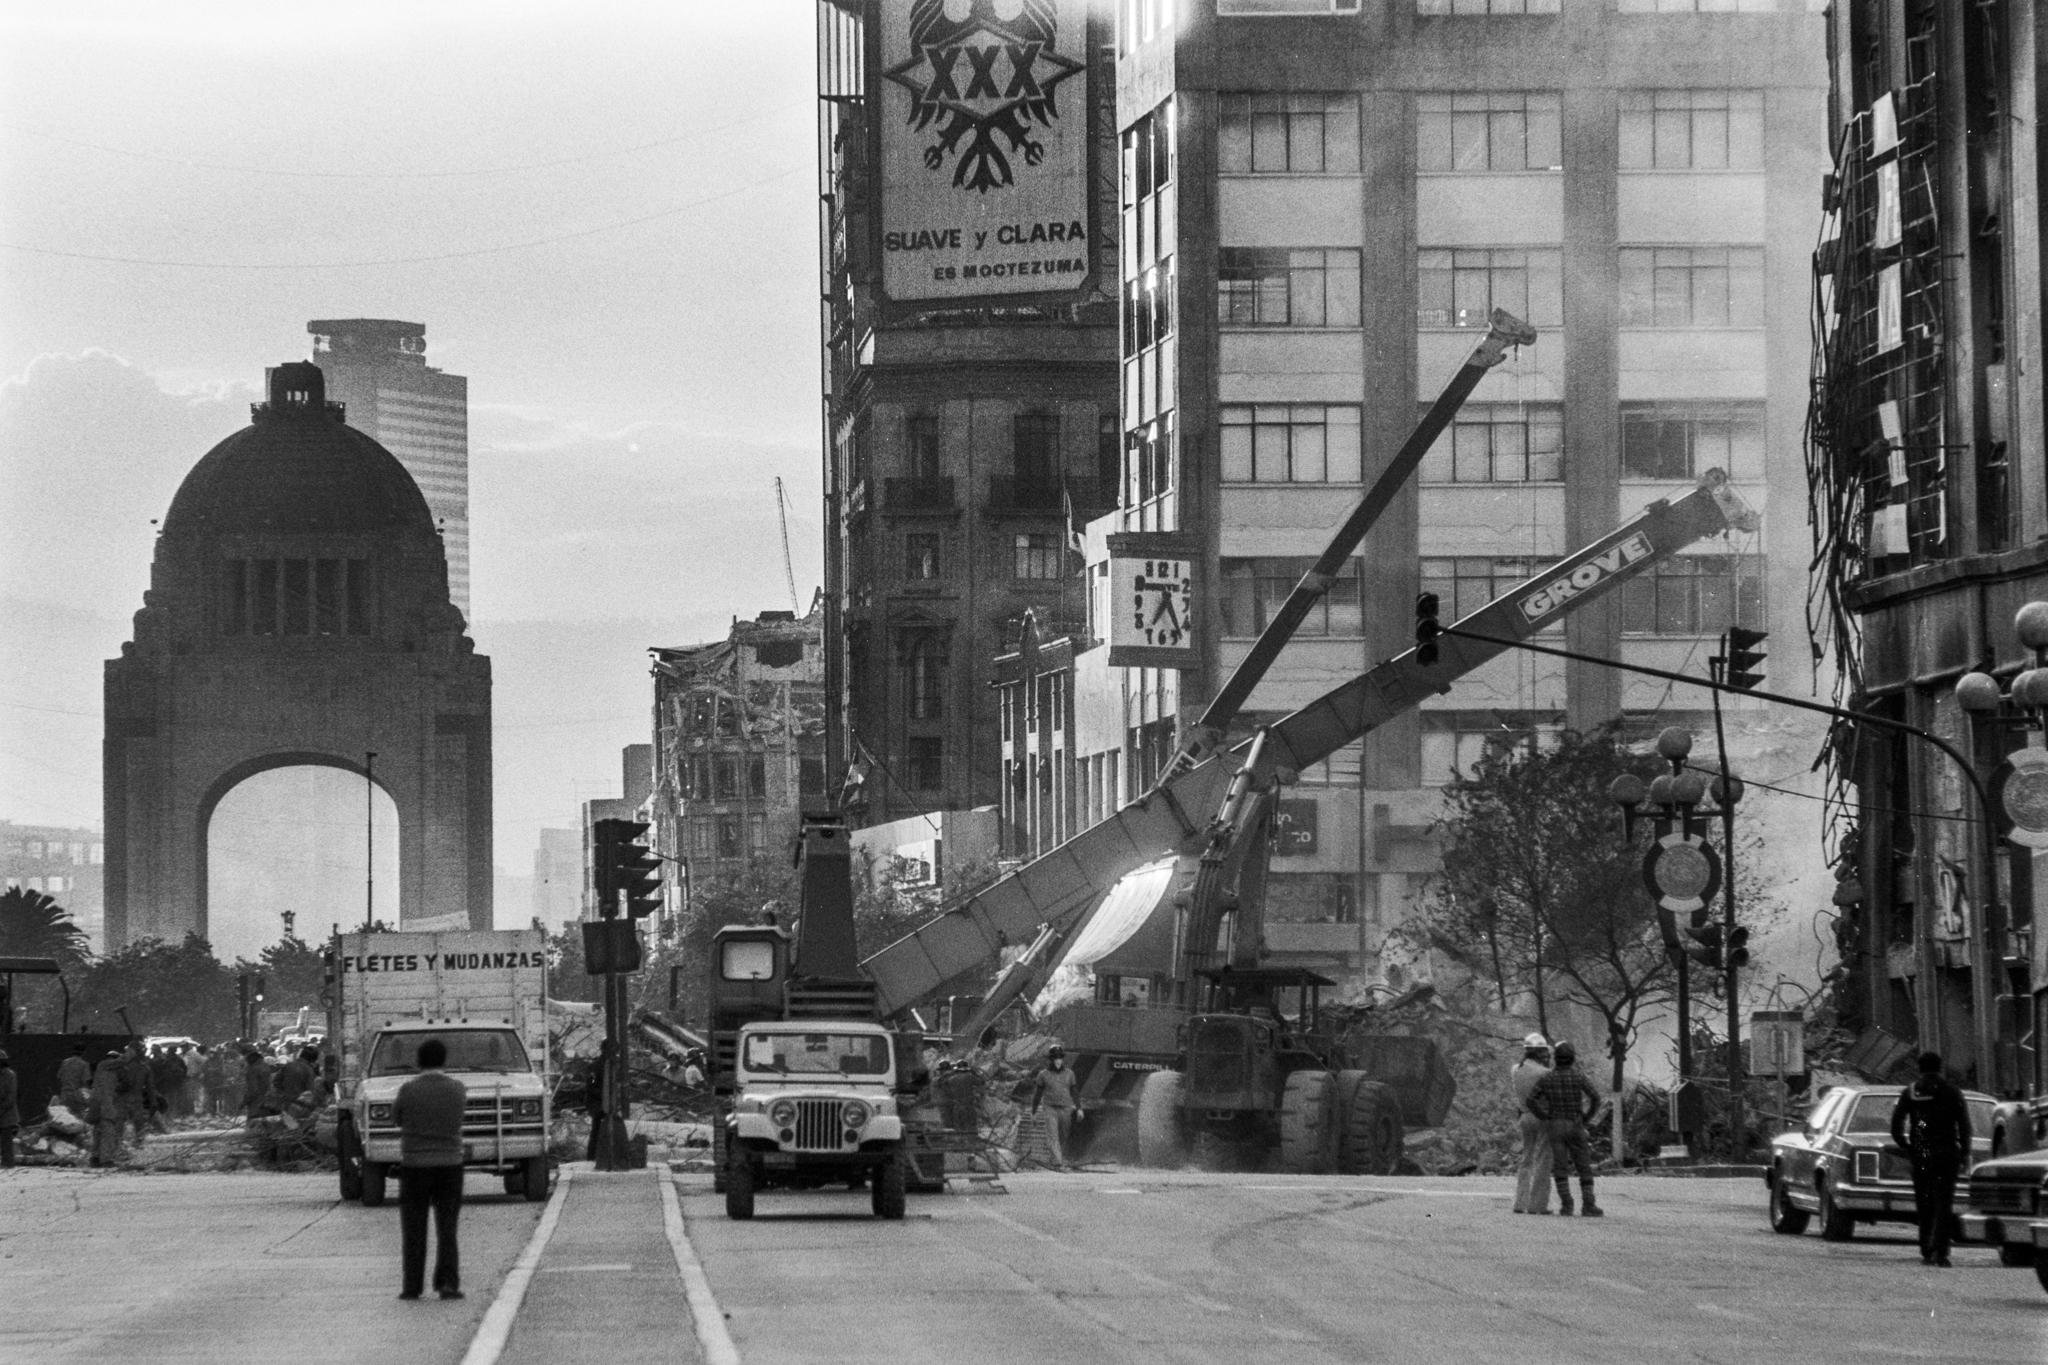 Juarez Avenue